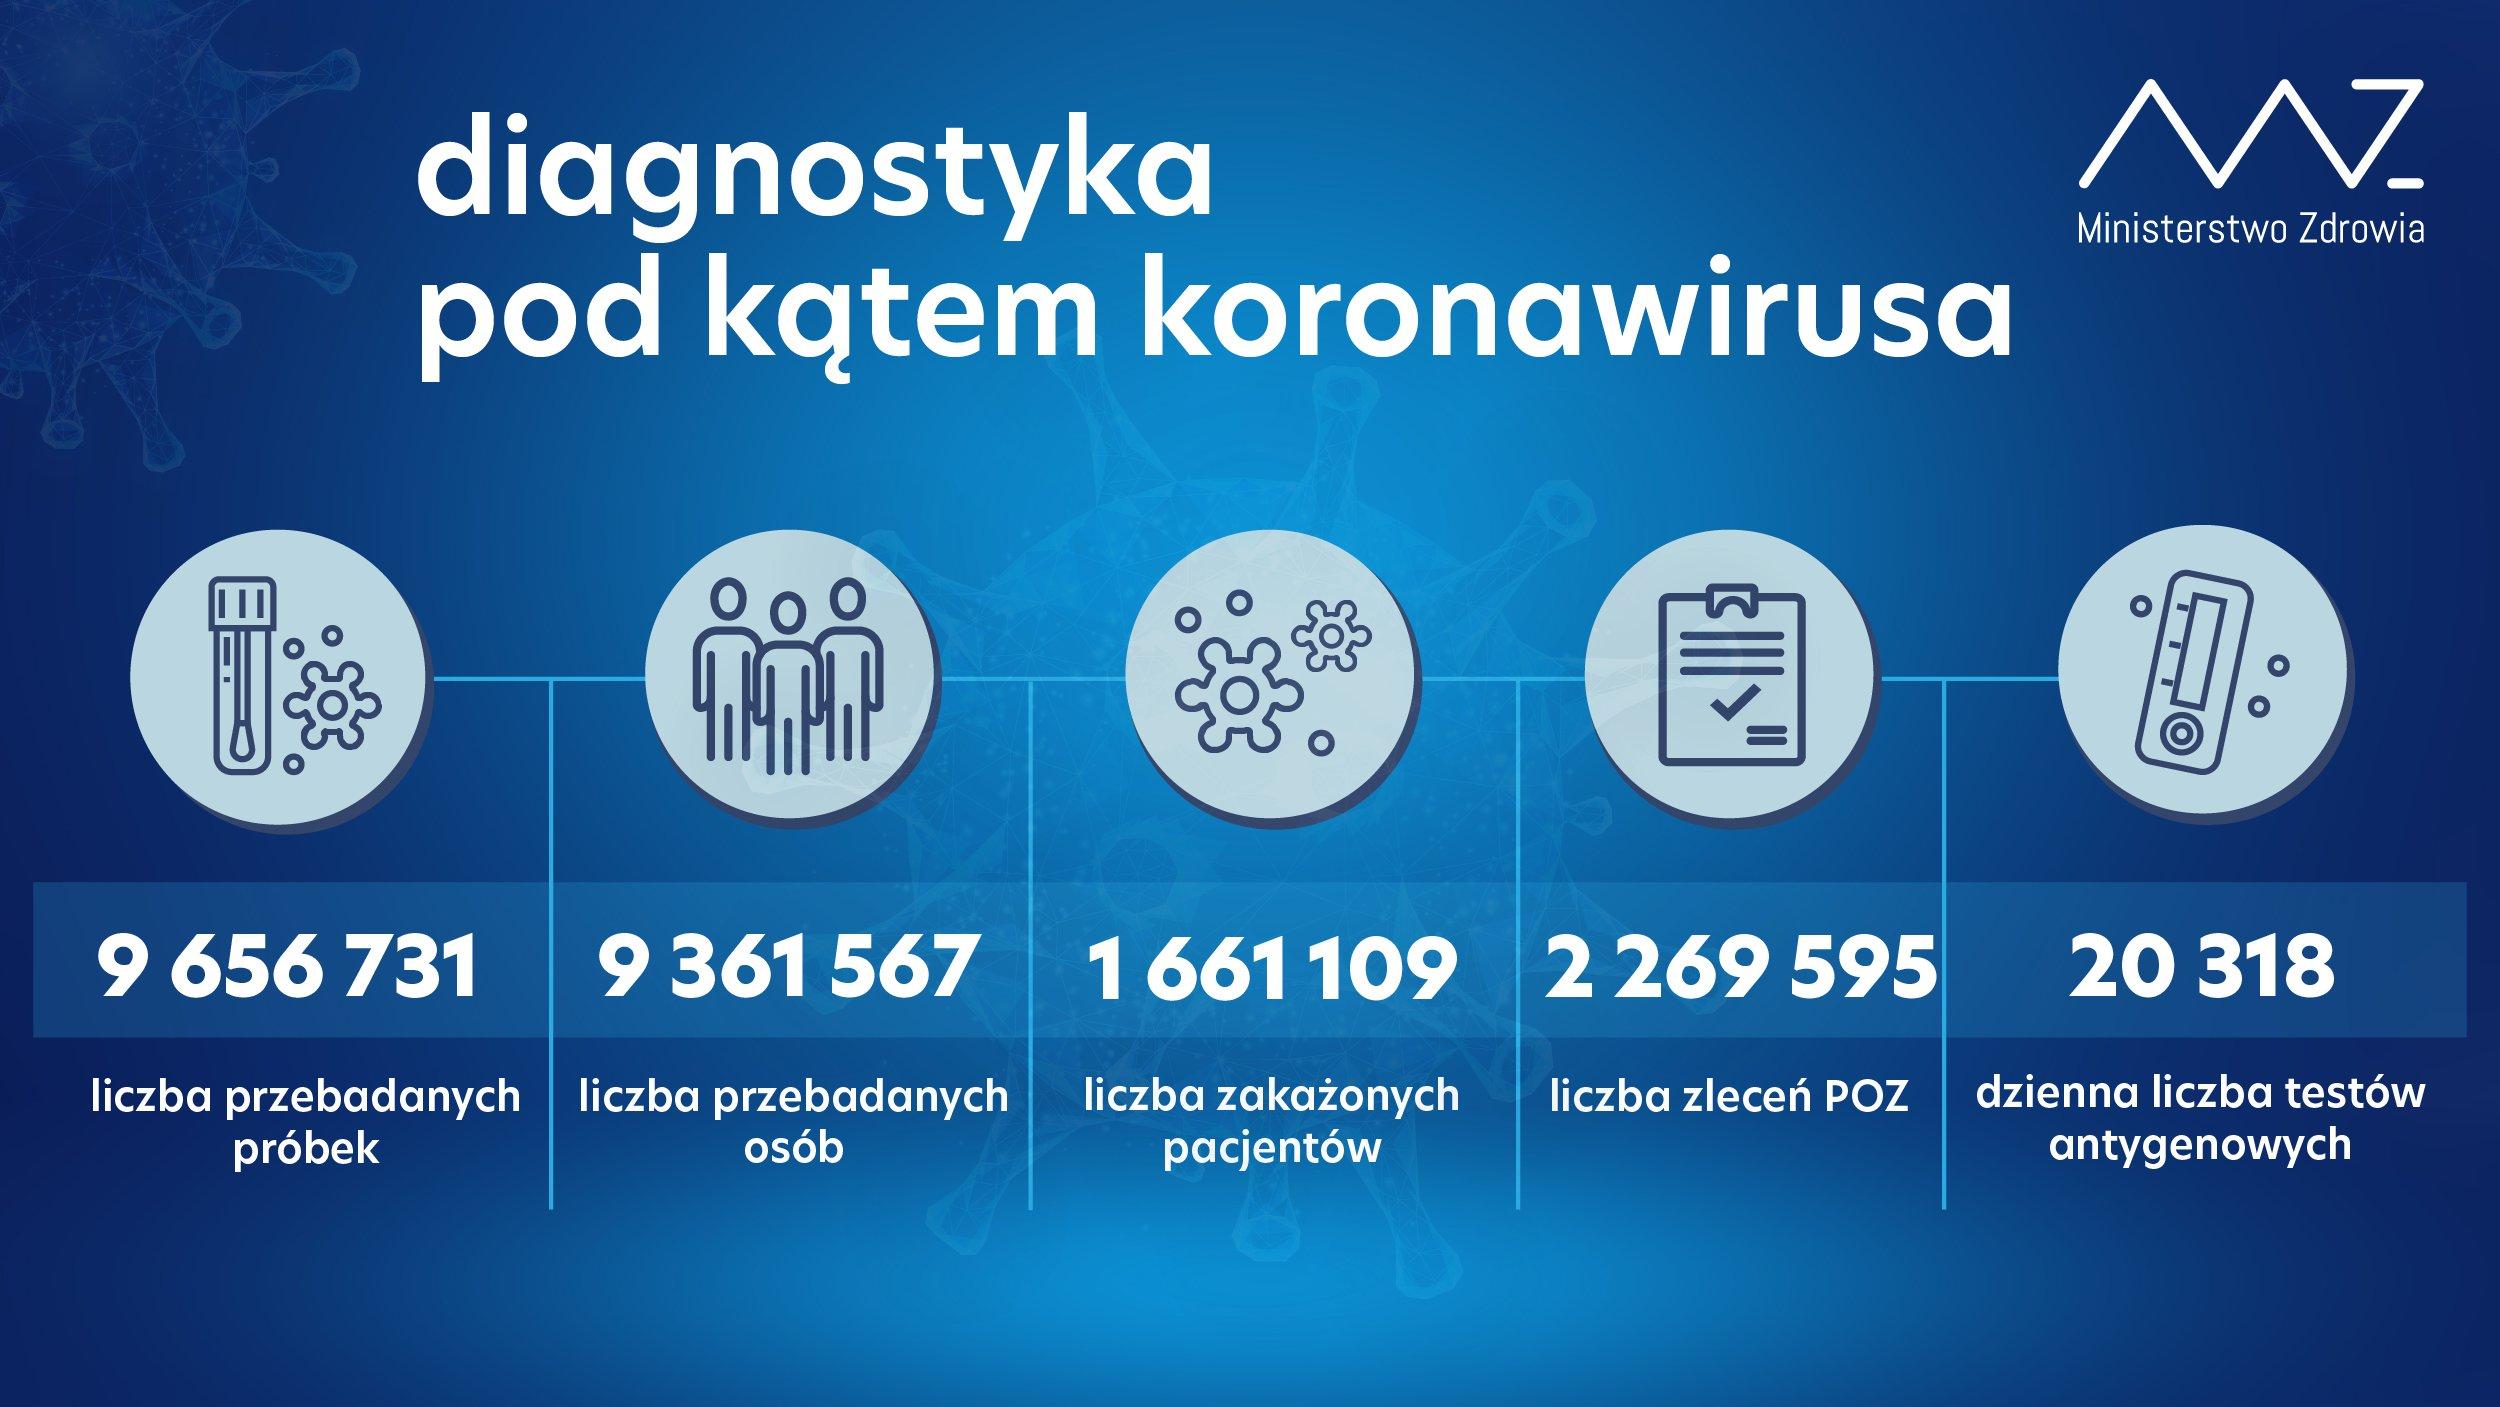 -  9 656 731 przebadanych próbek; -  9 361 567 przebadanych osób; -  1 661 109 zakażonych pacjentów;  - w ciągu doby wykonano 61 847 testów, w tym 20 318 testów antygenowych: - liczba zleceń z POZ: 2 269 595